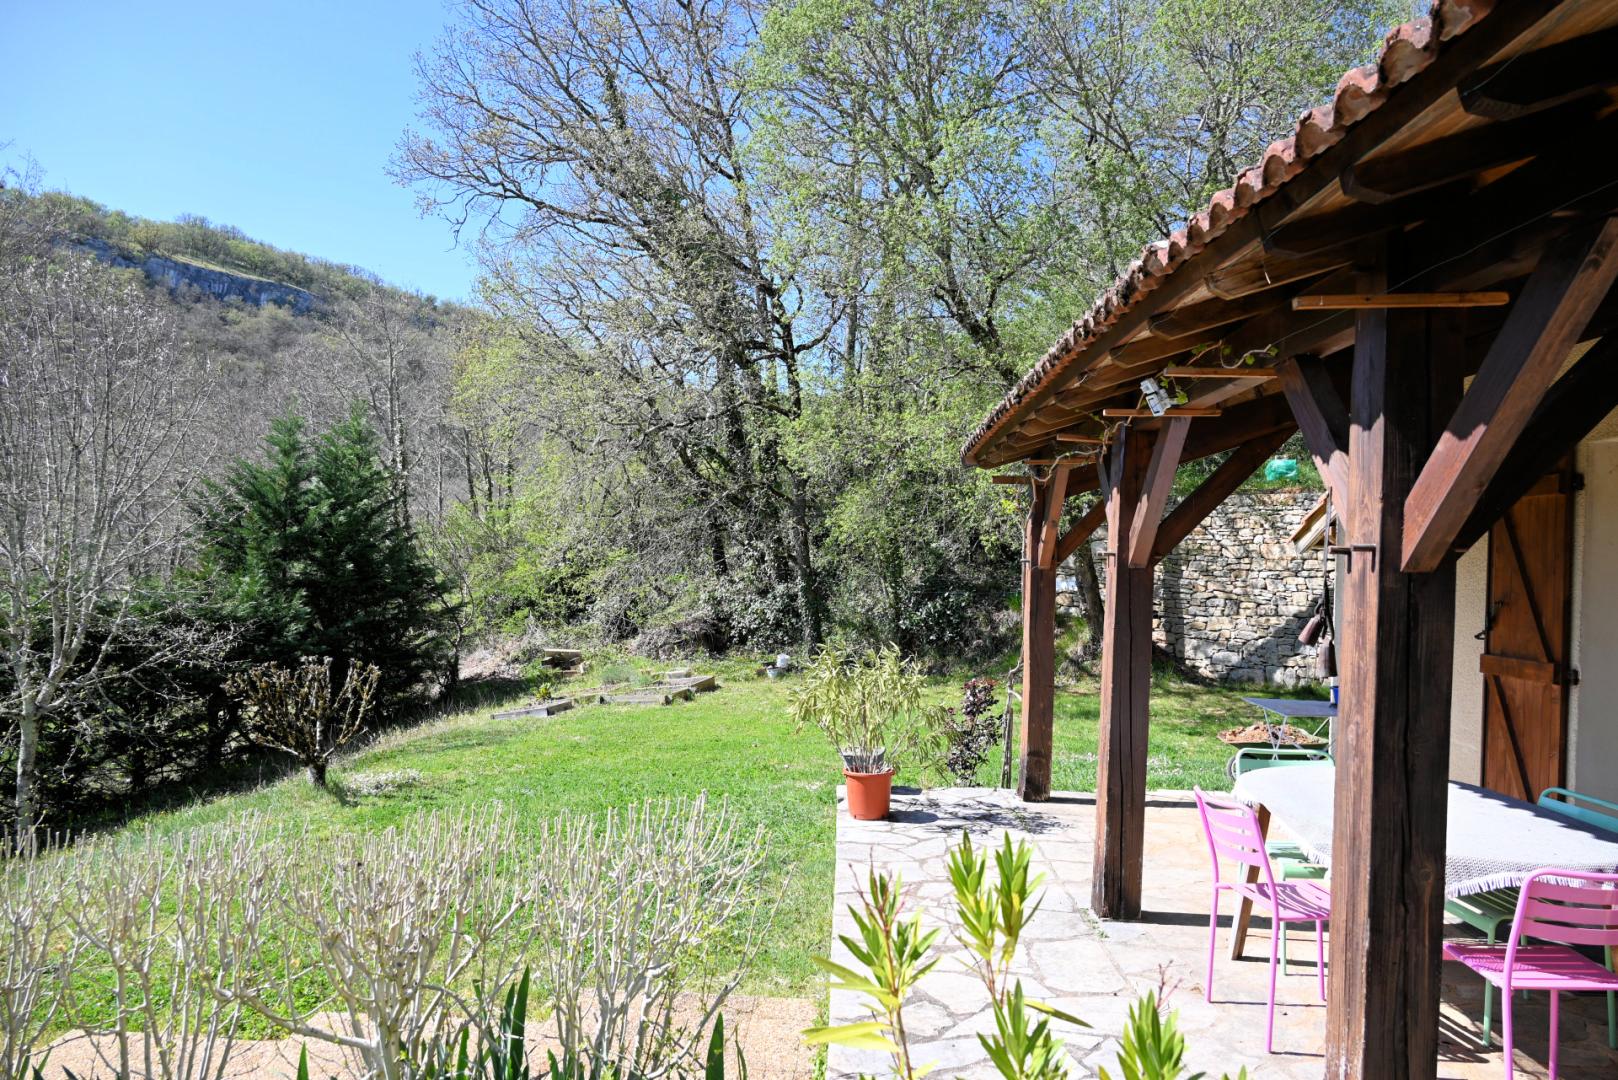 Lot 46 maison 120 m² 4 chambres avec terrain vue vallée Célé